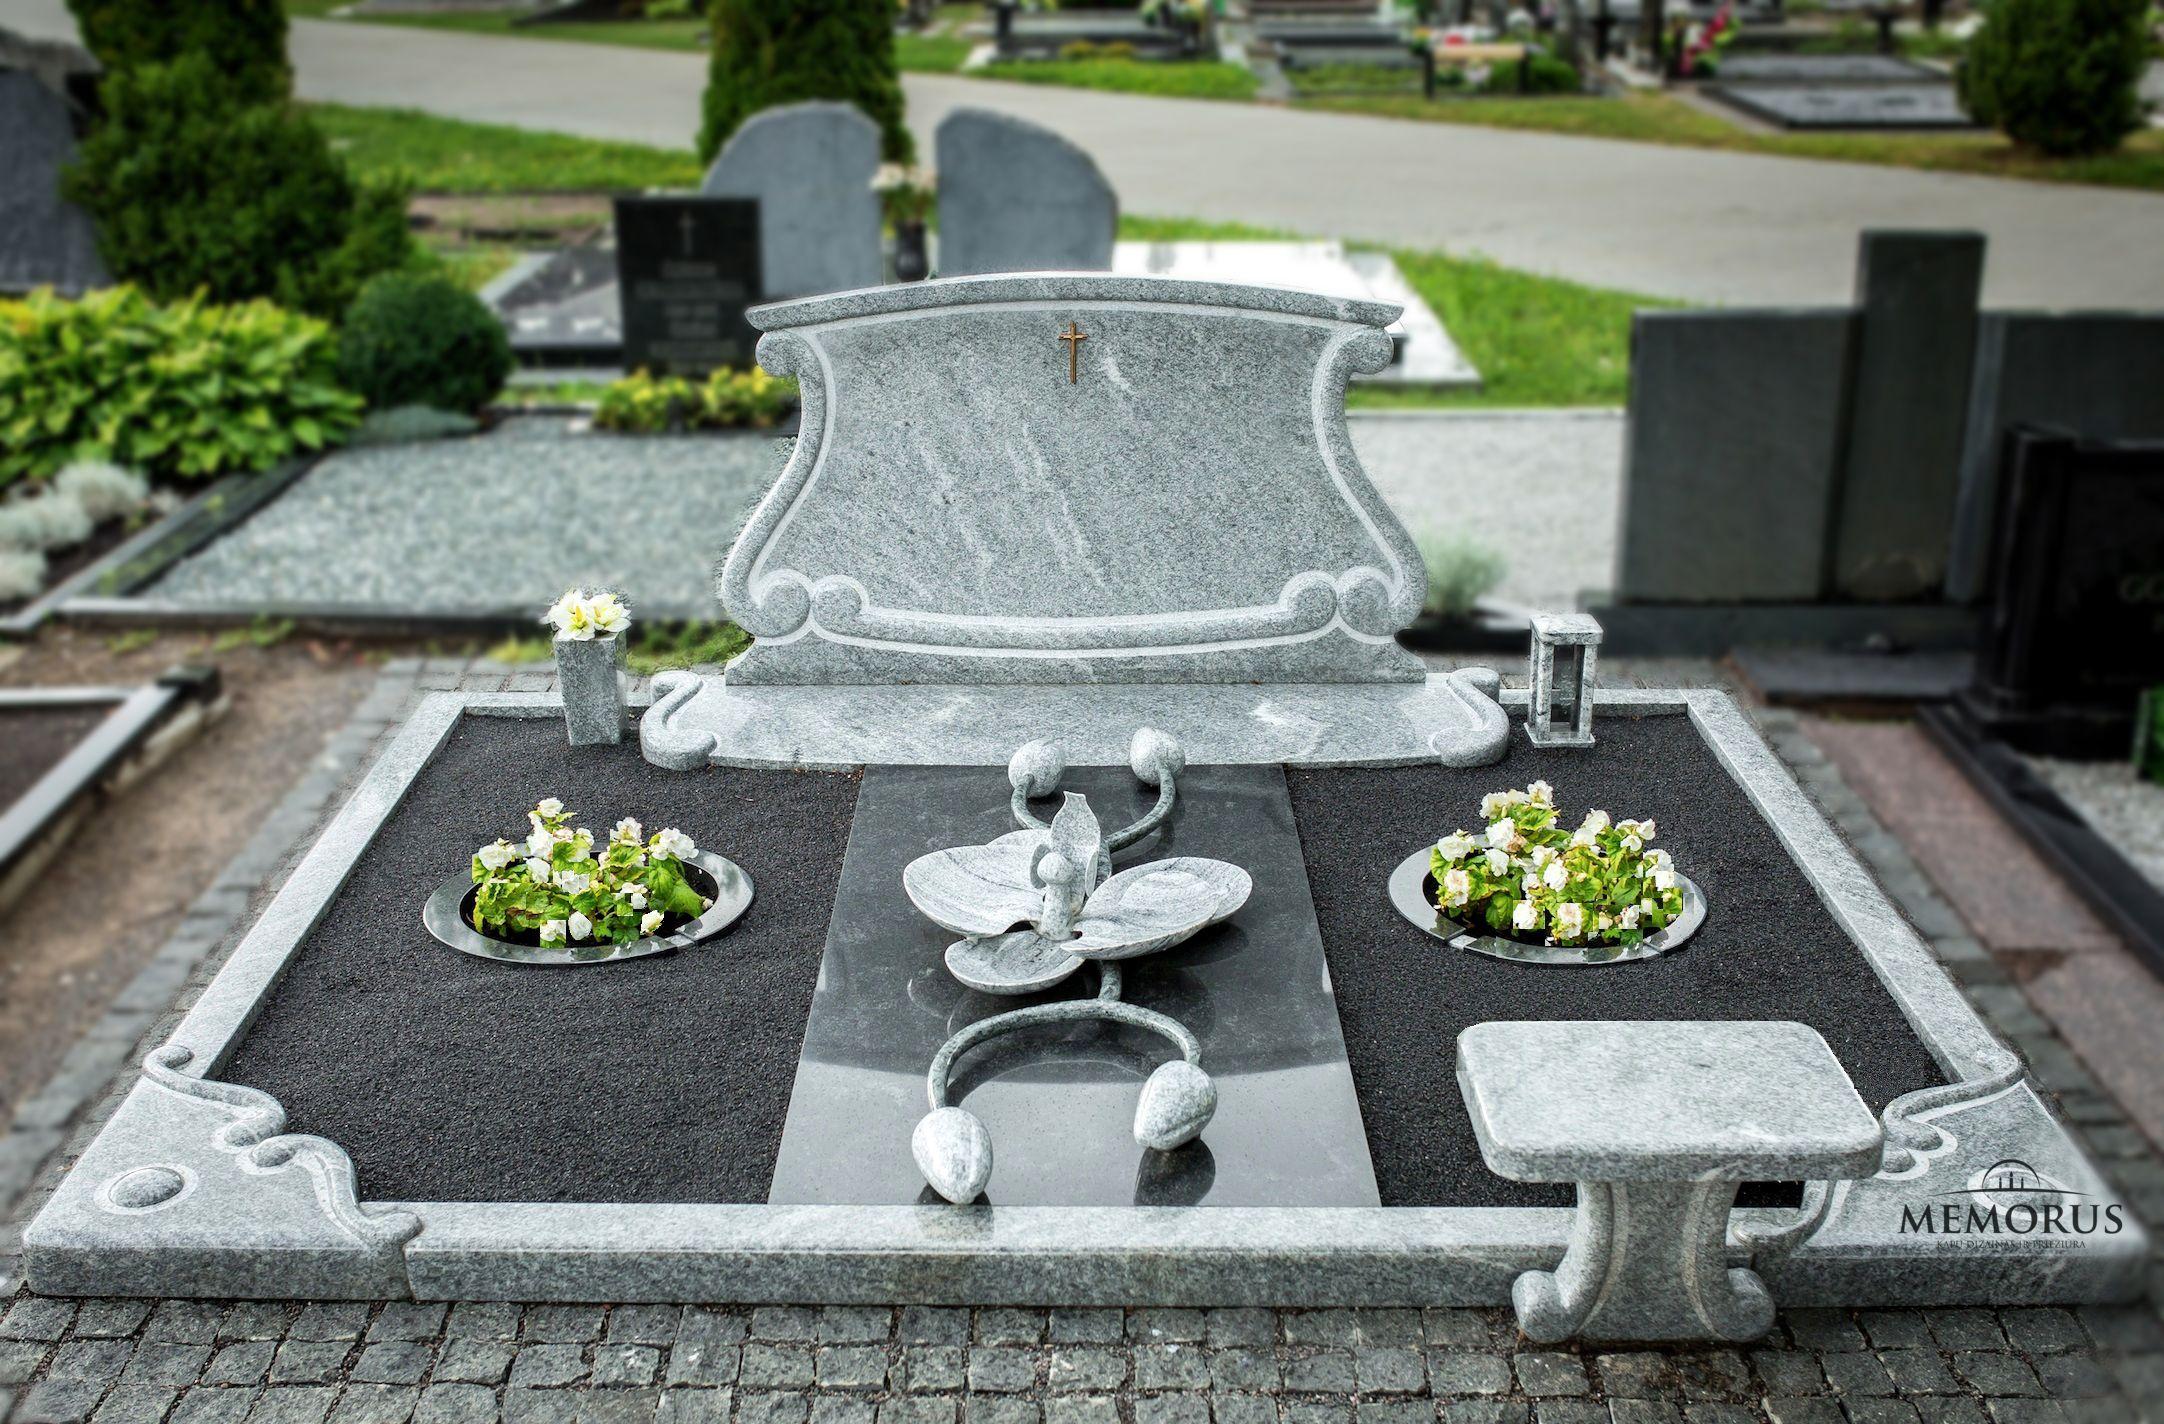 kapas dalinai uždengtas granito plokšte ir dekoruotas rankų darbo gaminiais